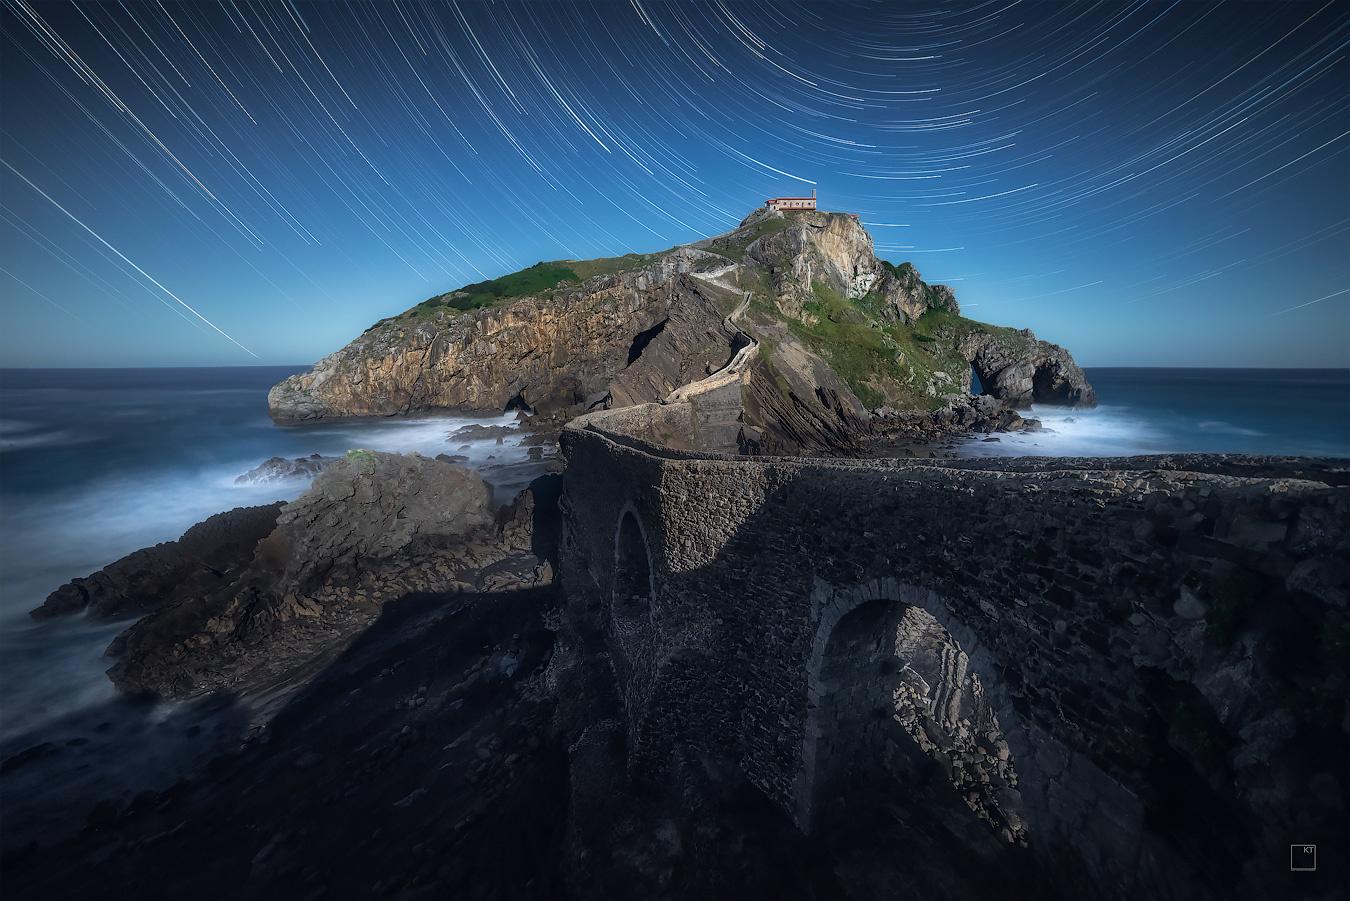 Moonlit Gaztelugatxe by Kevin Teerlynck